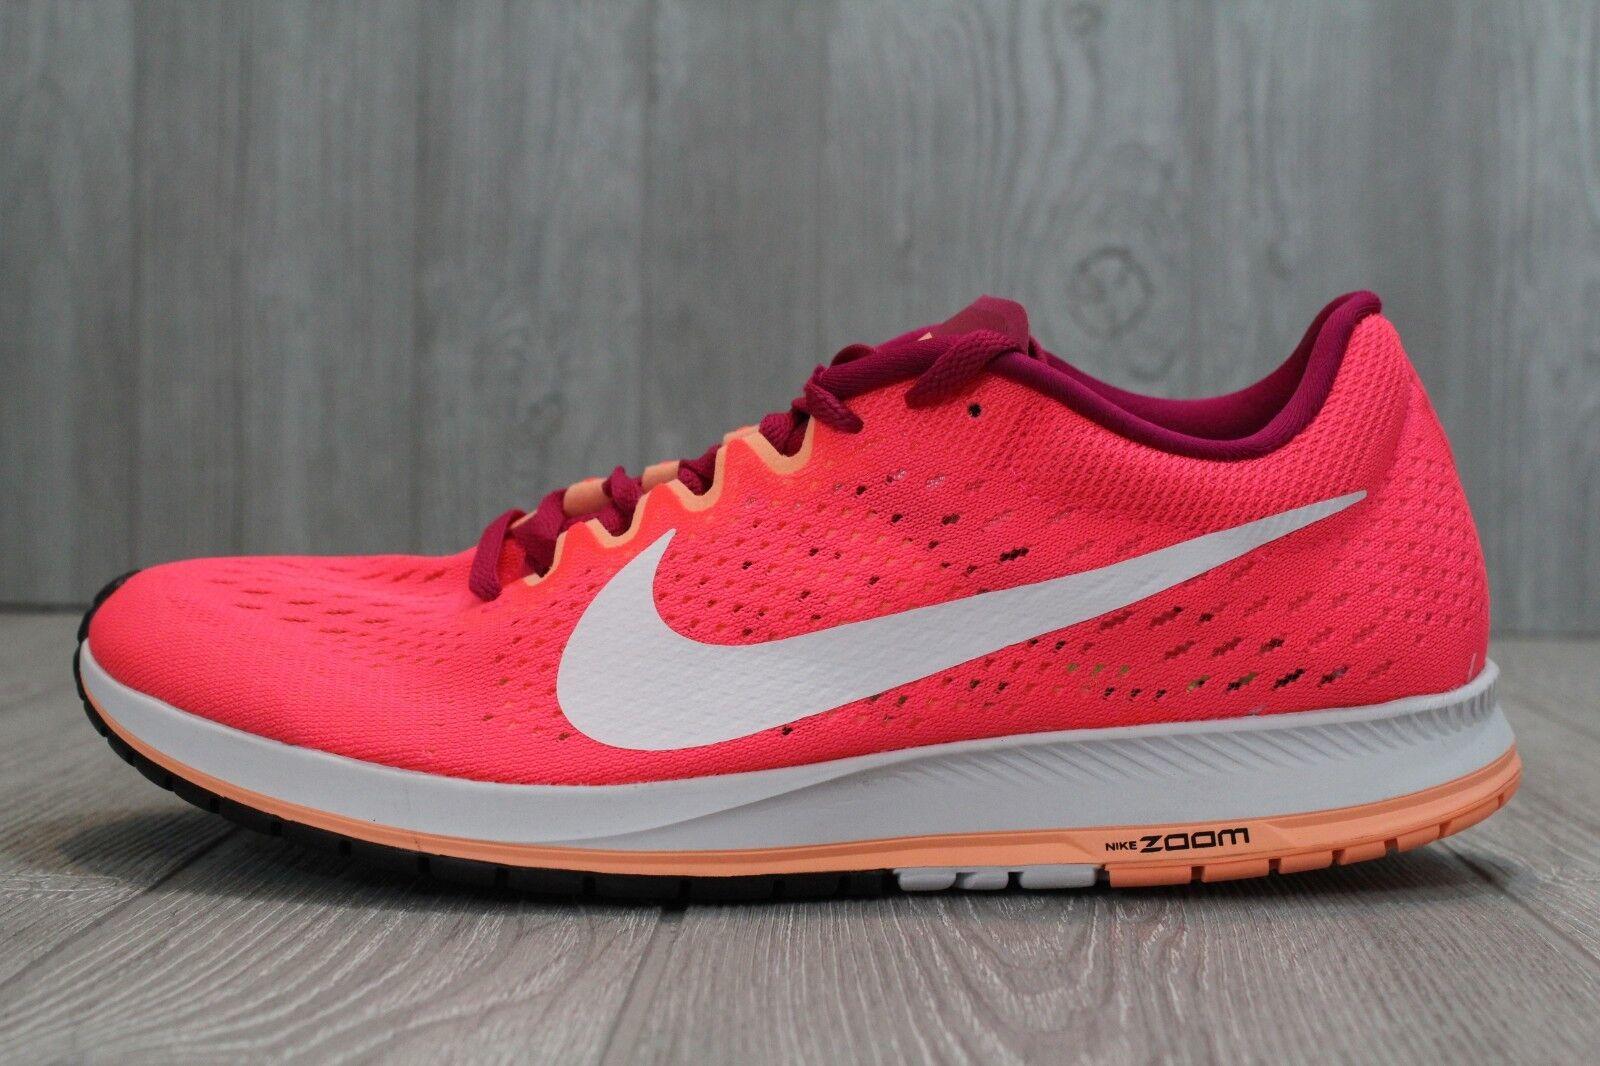 29 NEW Mens NIKE ZOOM STREAK Racer 6 831413-602 Running Shoes Racer STREAK Pink/White 13 587ddc